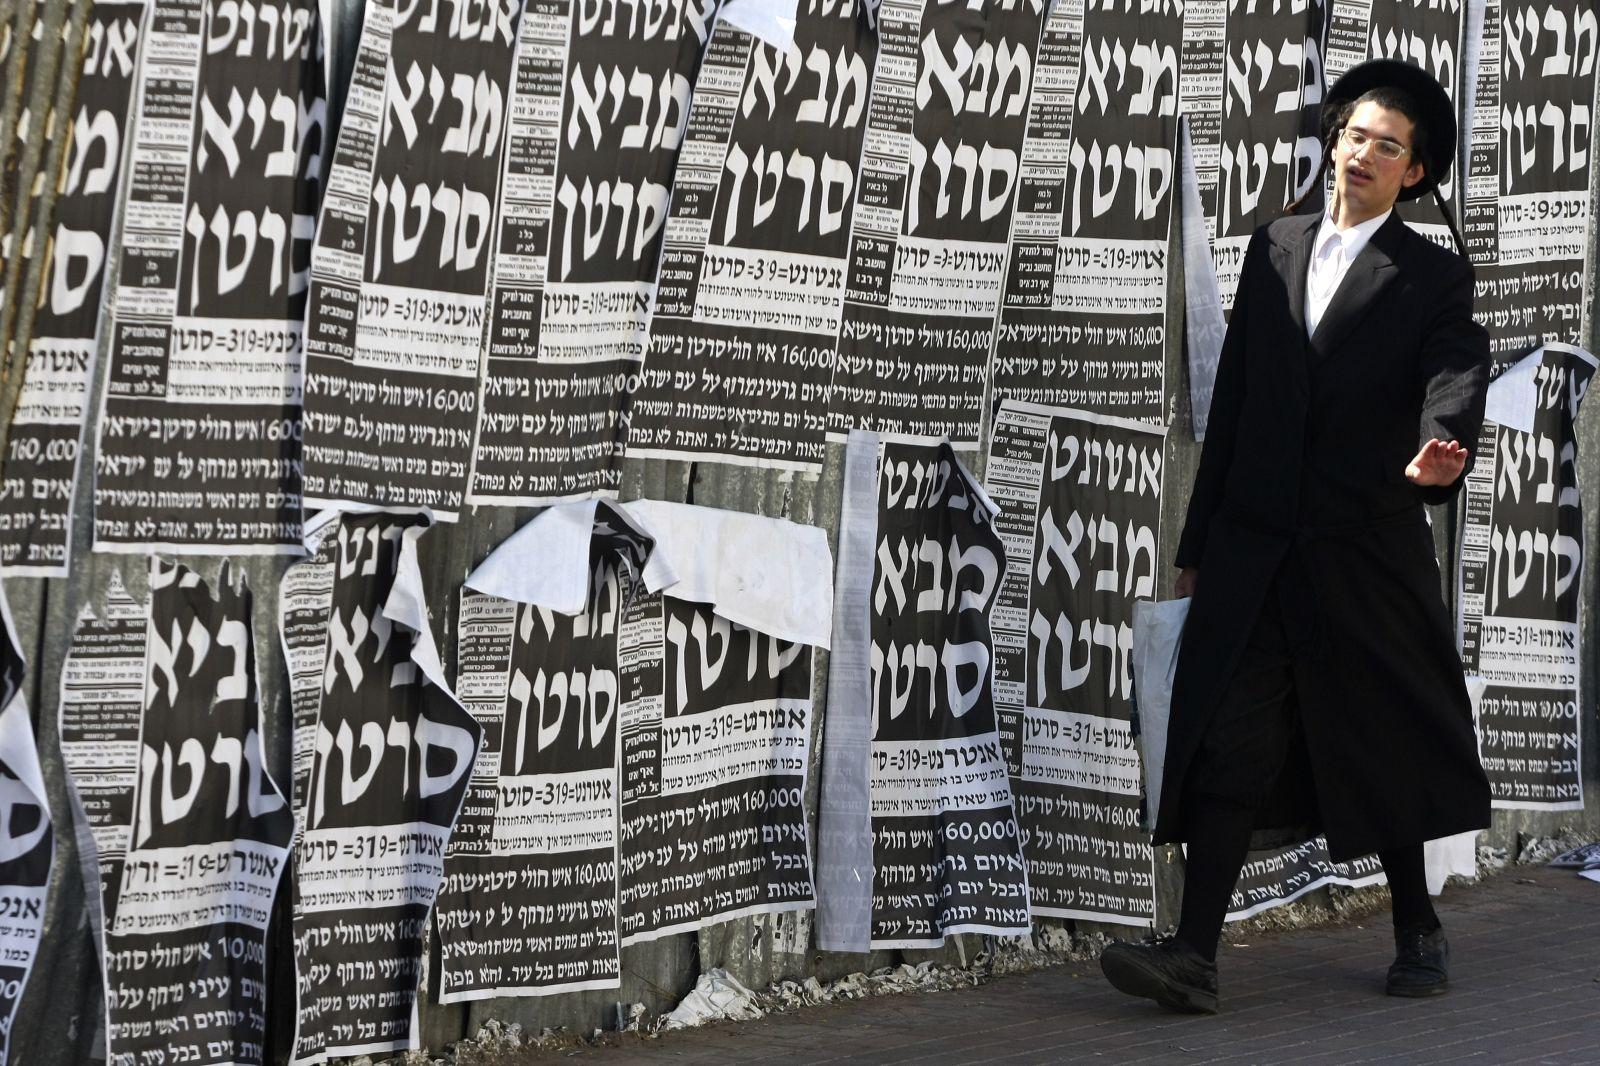 """""""אינטרנט מביא סרטן"""". פשקווילים בירושלים, 2.8.09 (צילום: אביר סולטן)"""